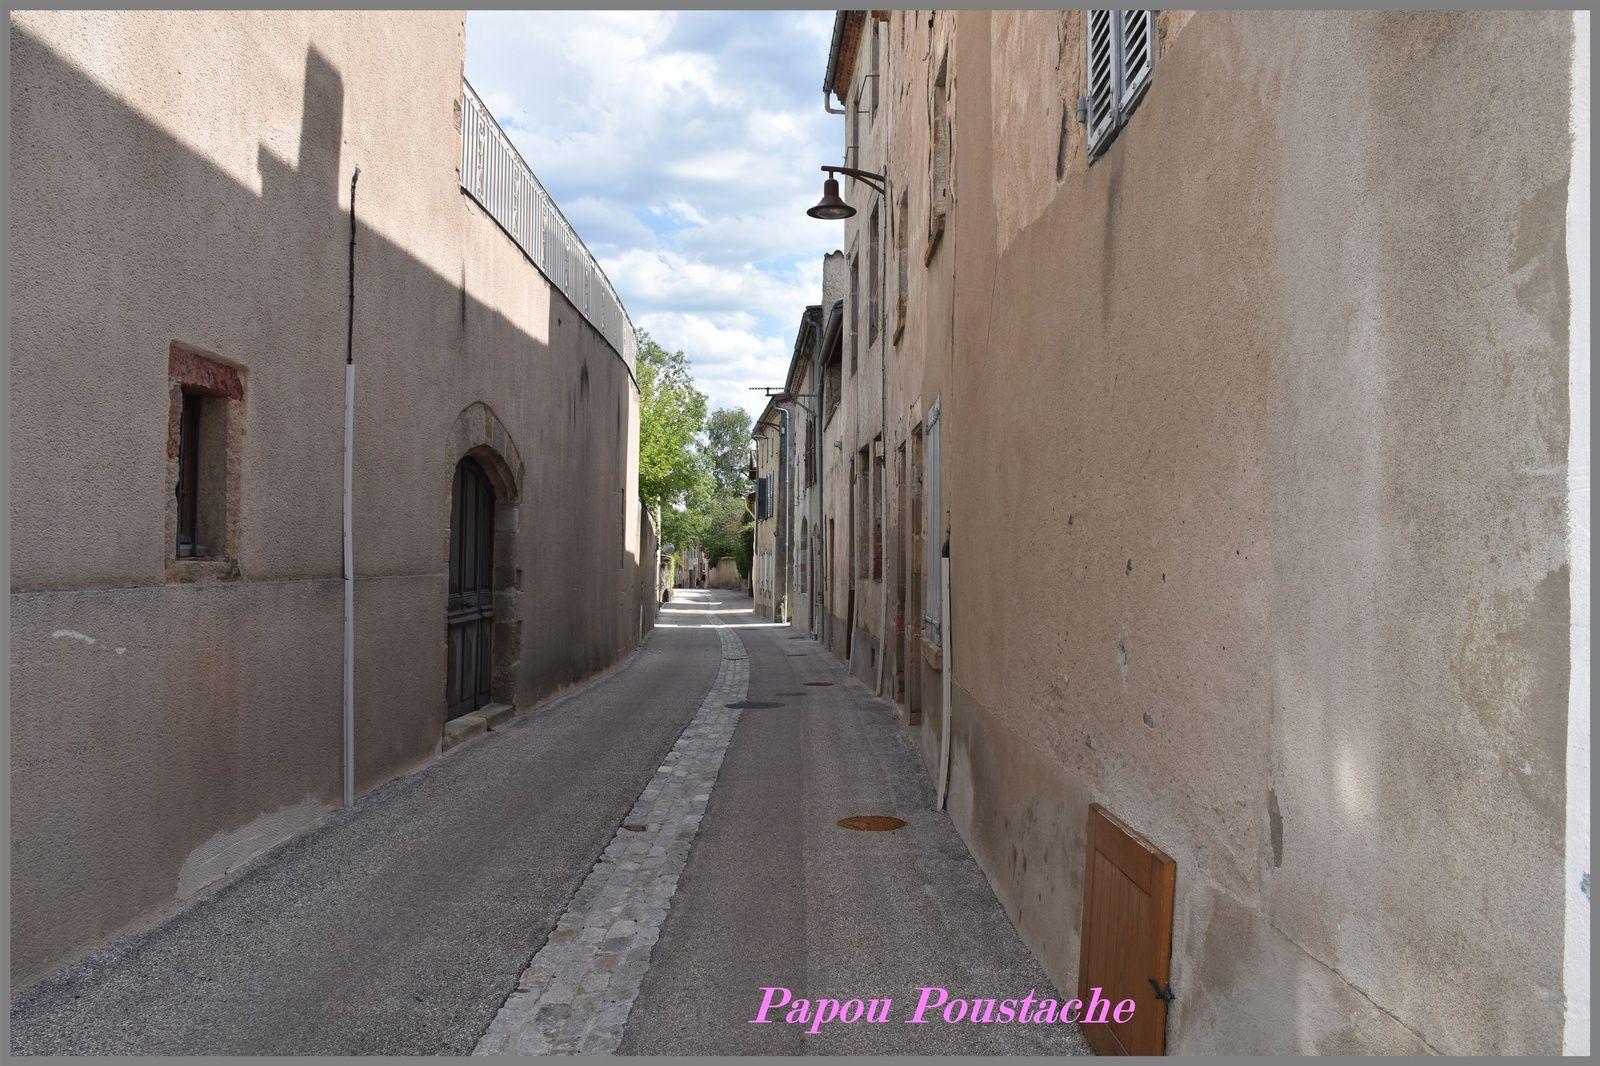 Le village de Manglieu